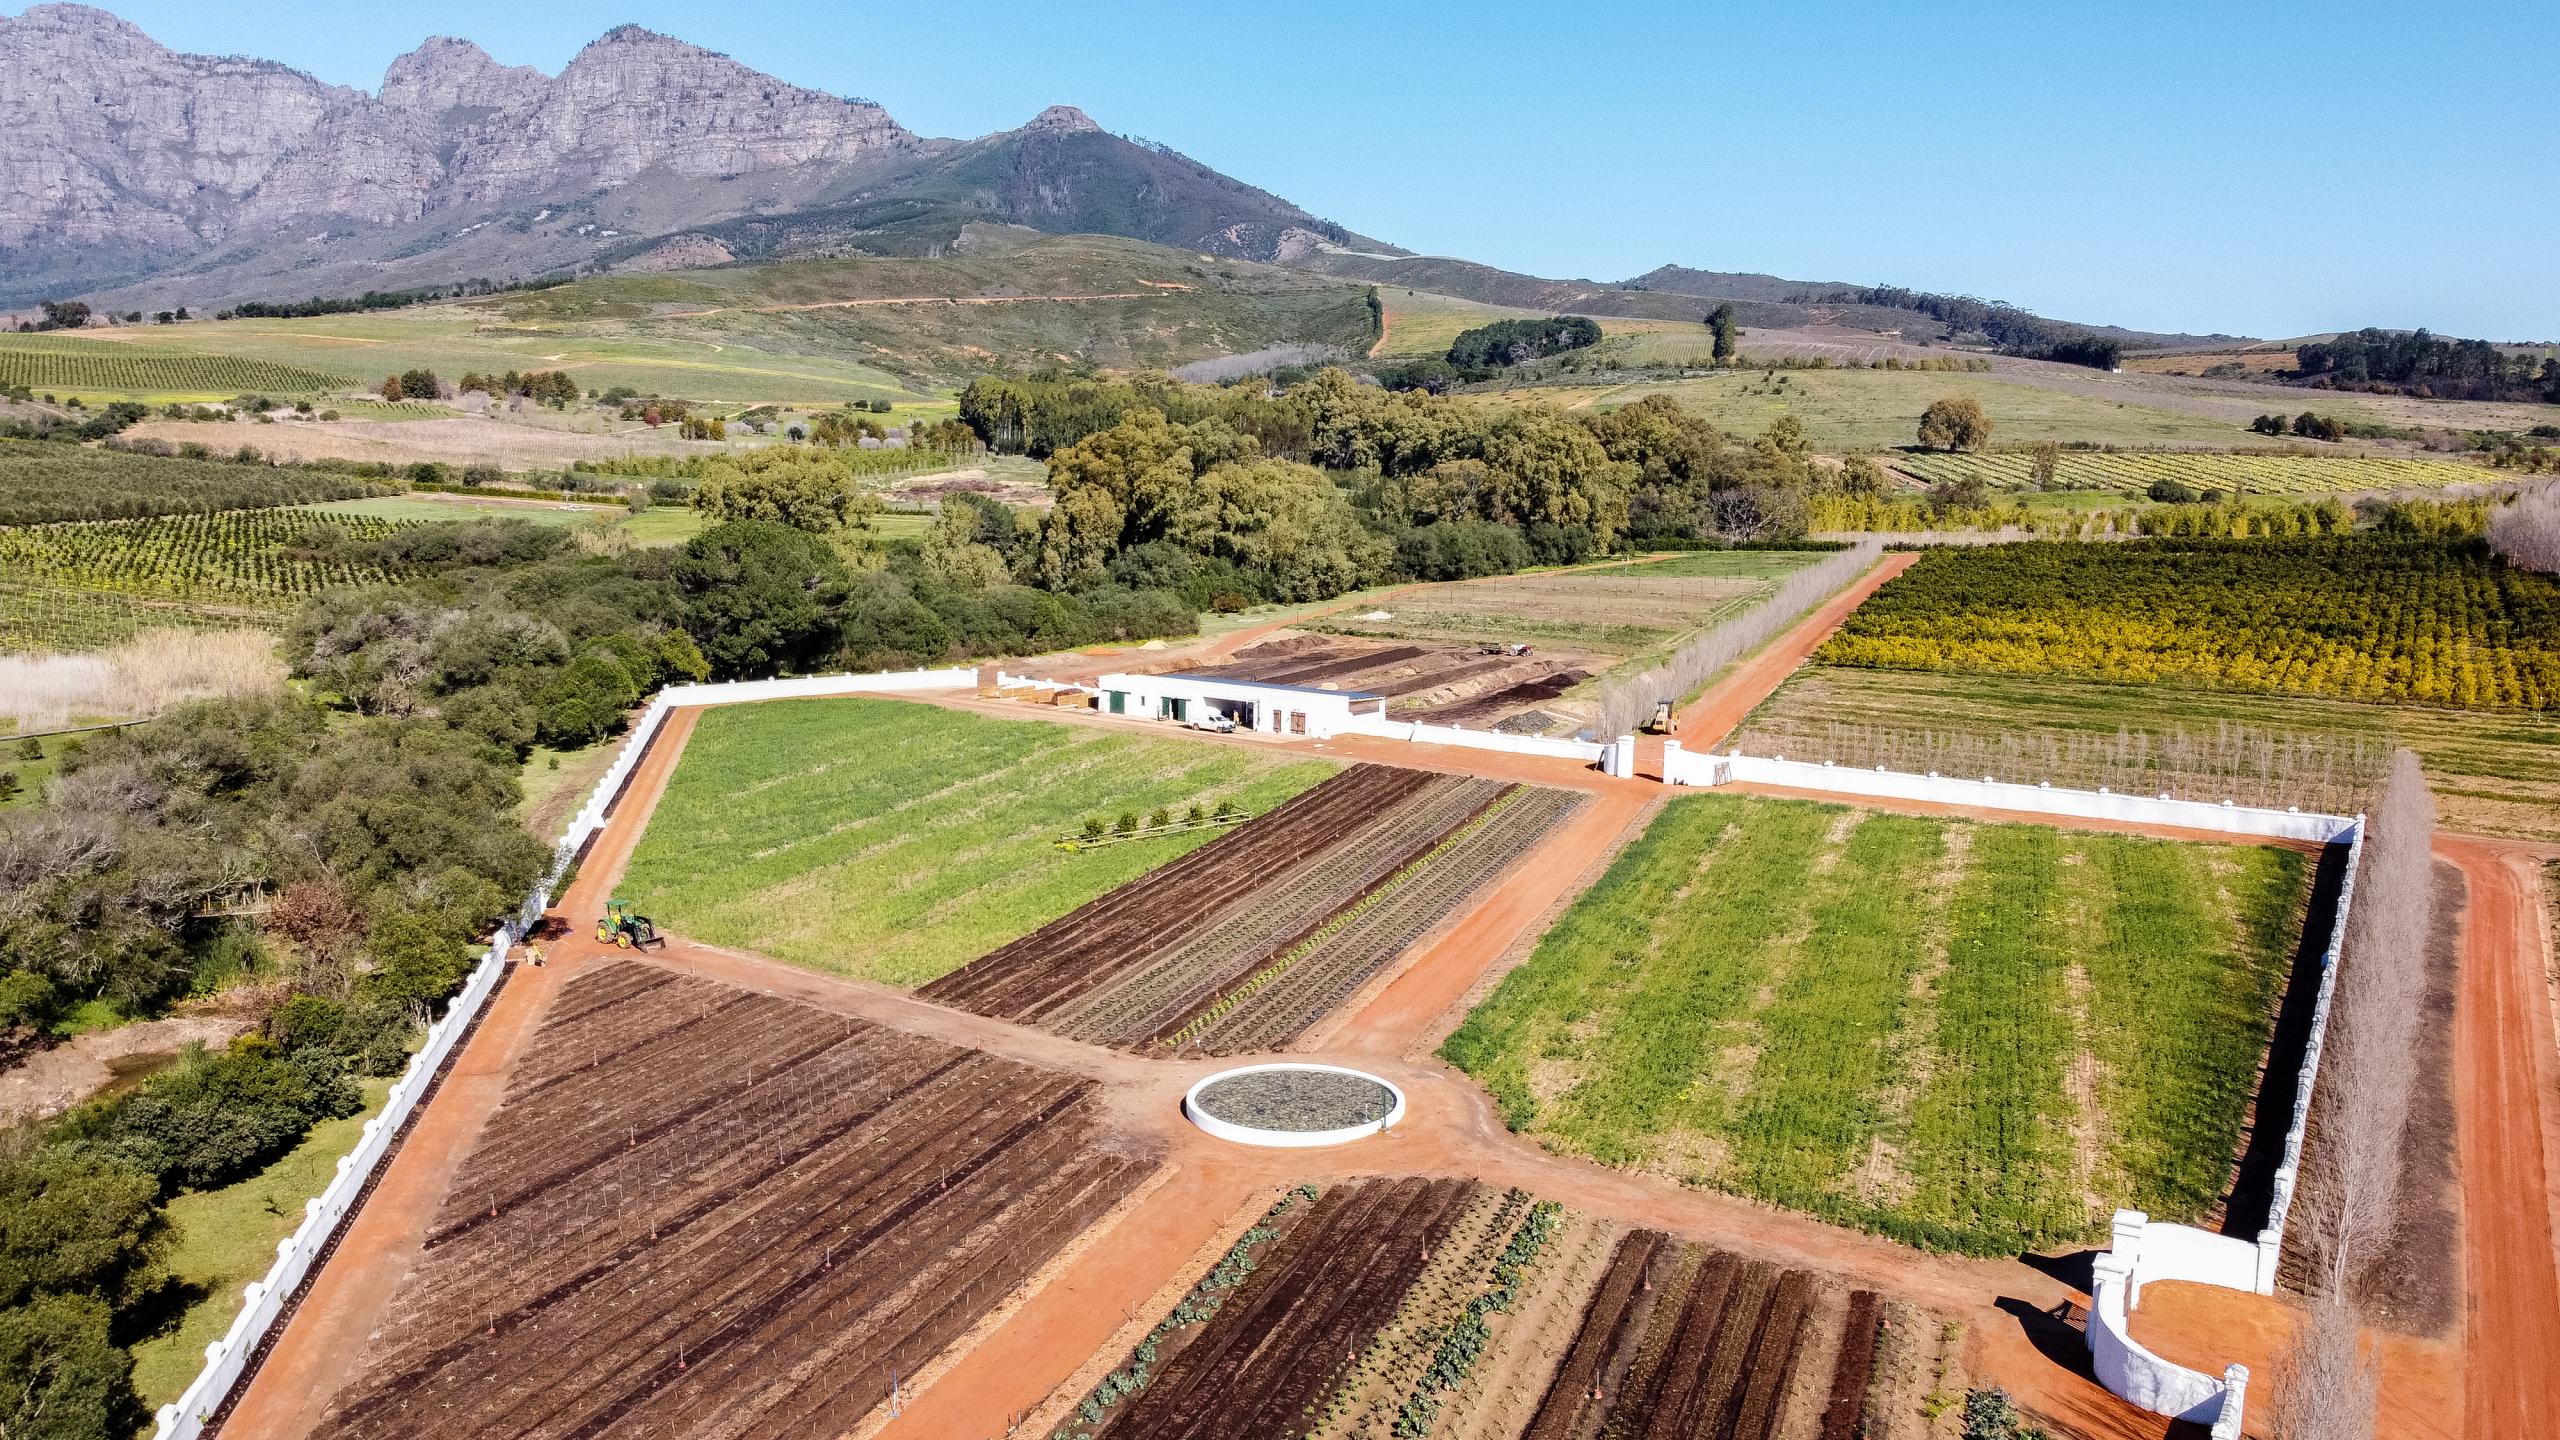 The new Kitchen Garden at Babylonstoren, Cape Winelands, South Africa